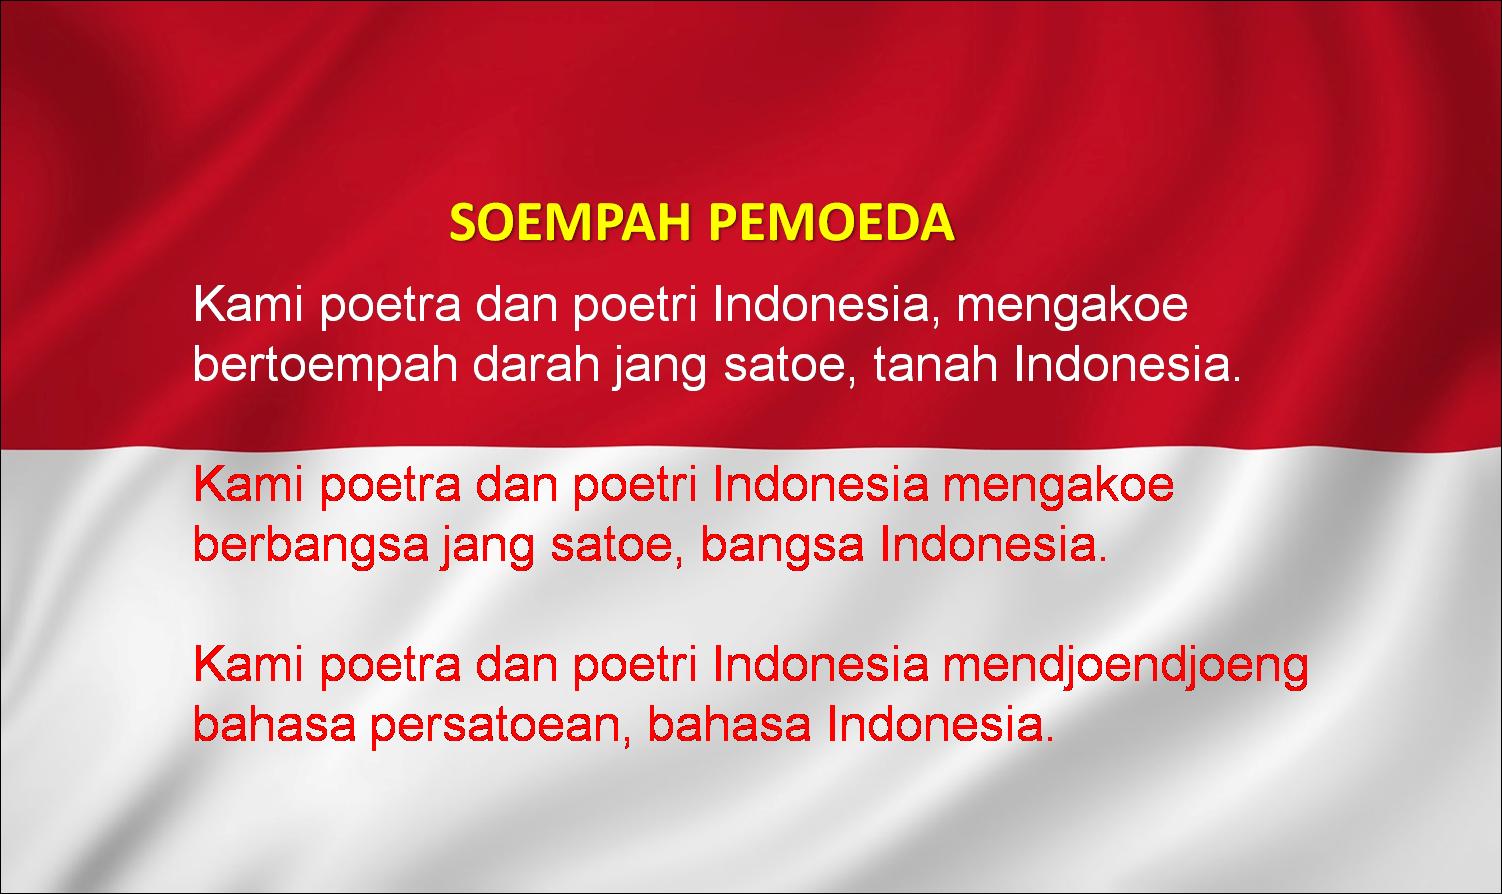 Bahasa Indonesia Dengan Sumpah Pemuda Sejarah Sumpah Pemuda Serta Tokoh Tokoh Yang Terlibat Sejarah Cirebon